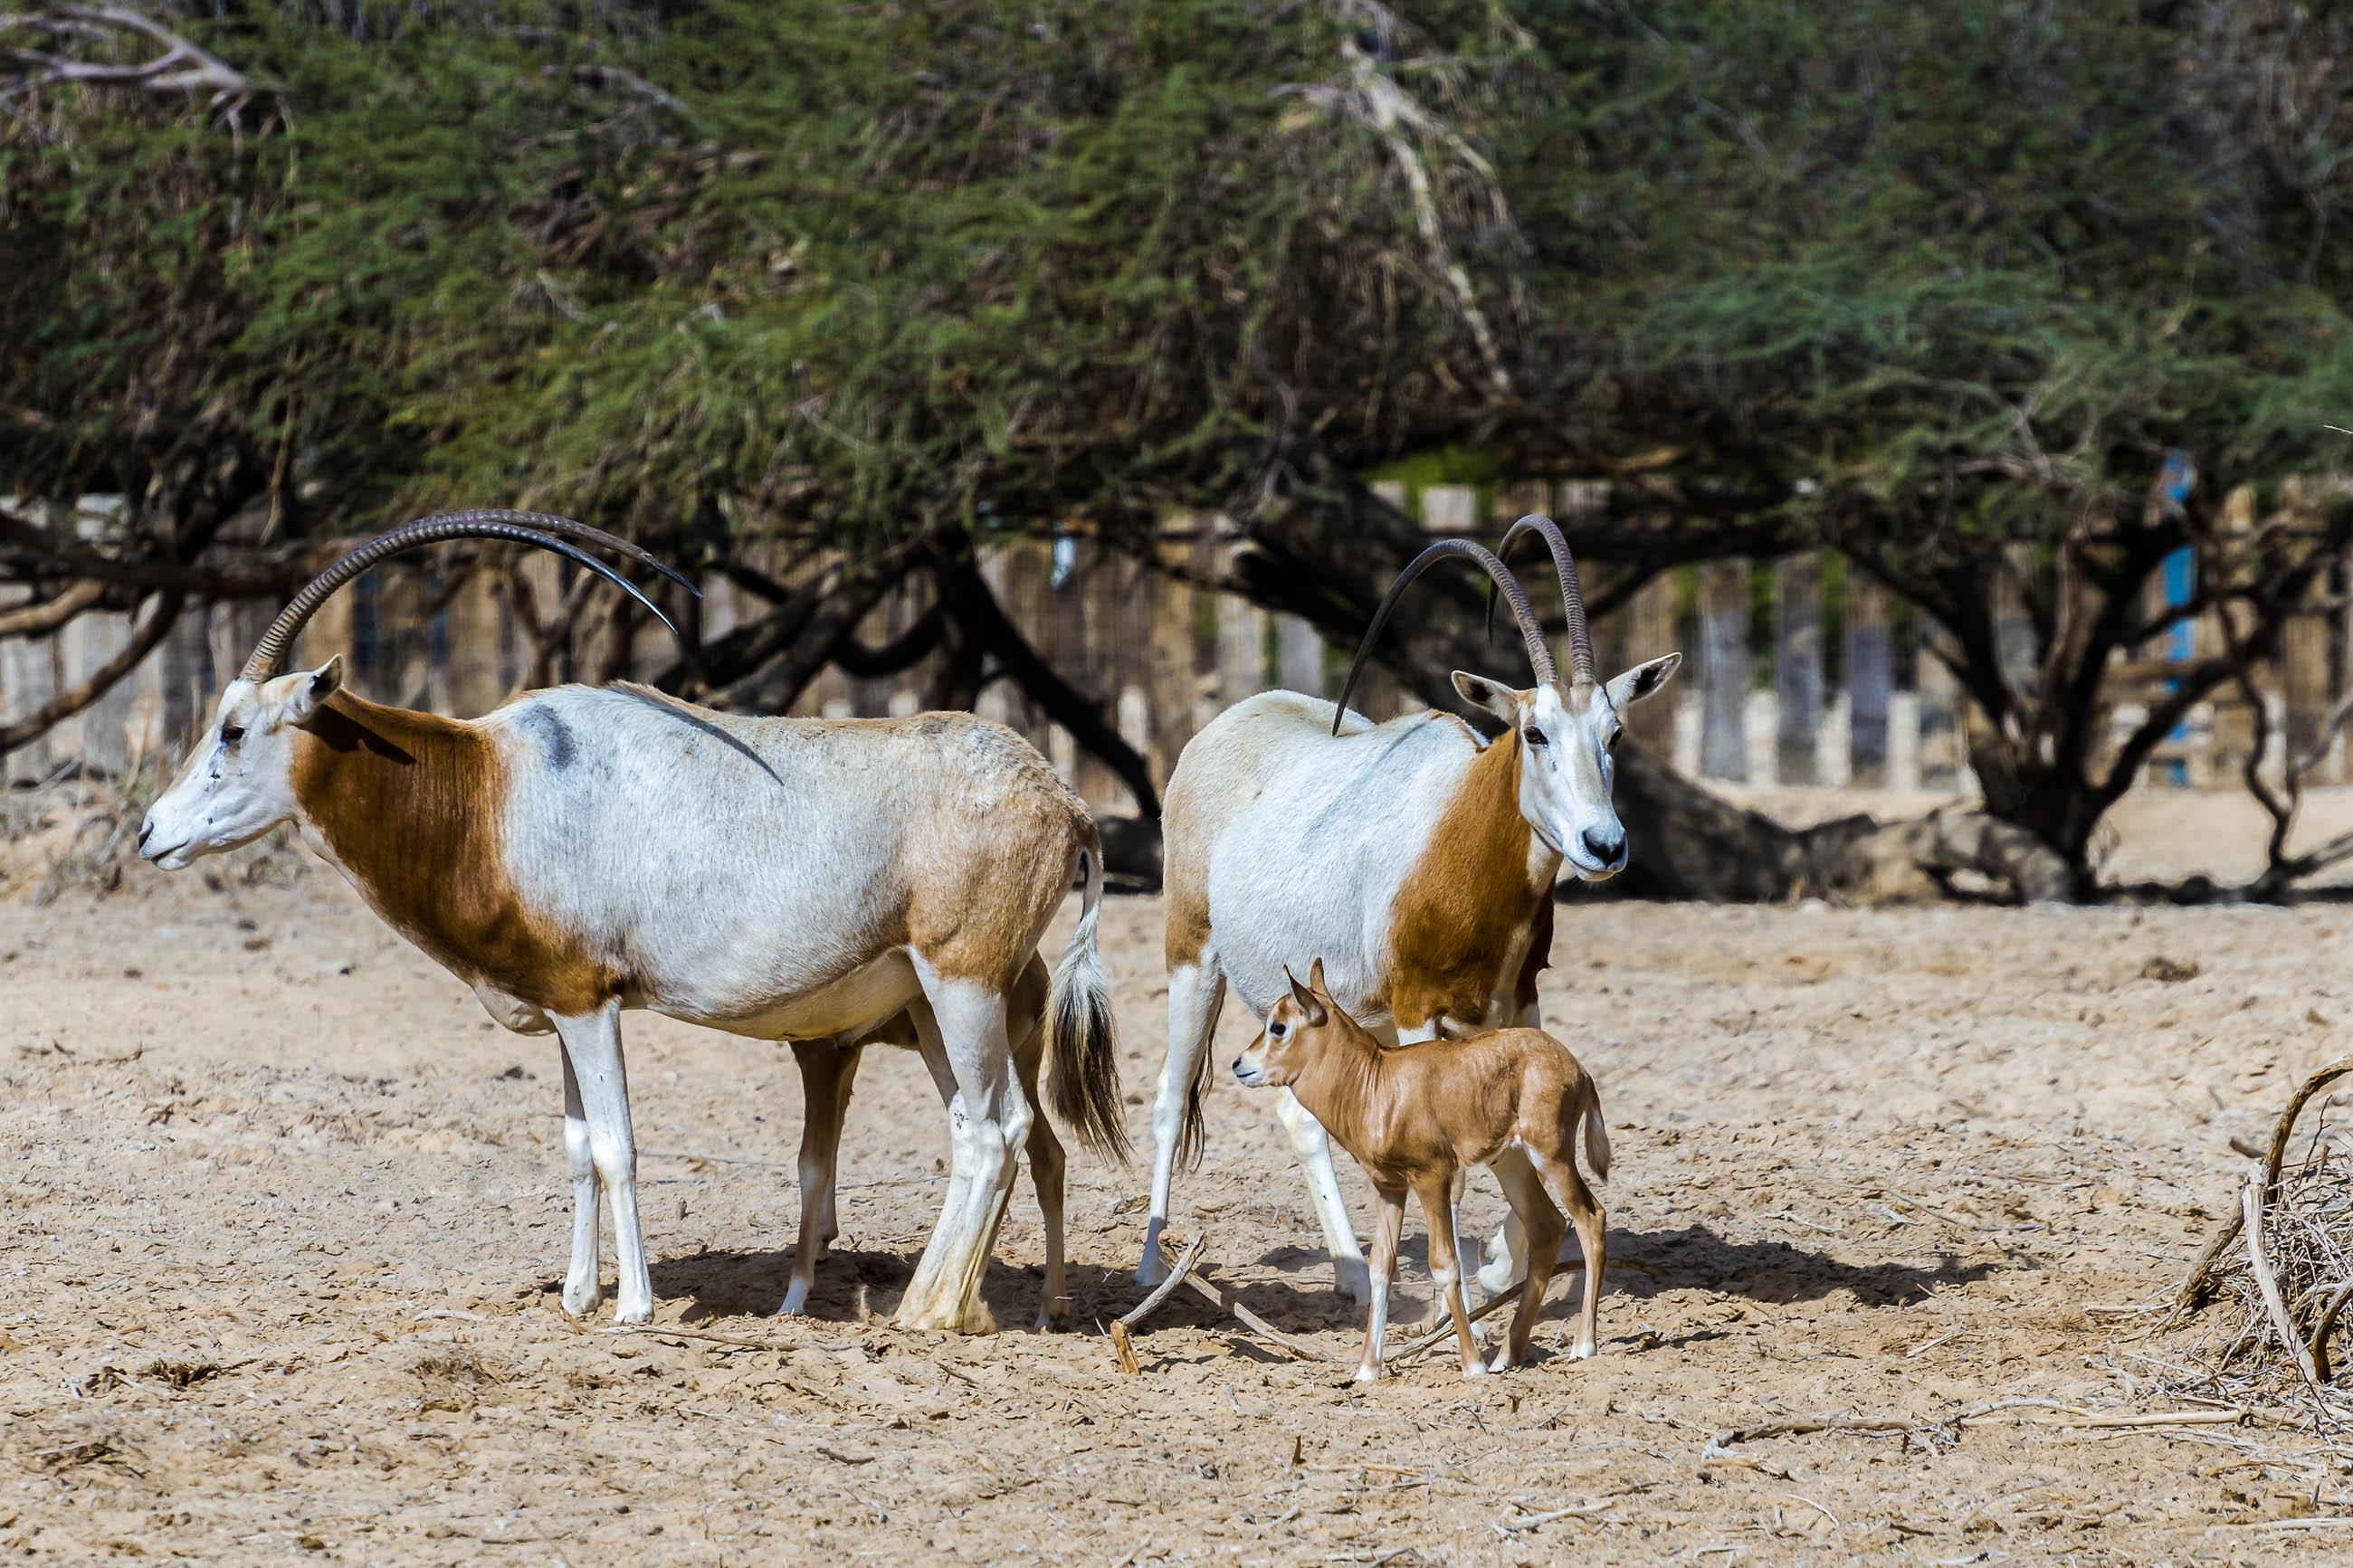 Die Säbelantilope galt schon als ausgestorben, wurde allerdings im Gebel-Elba-Nationalpark im Süden Ägyptens wieder gesichtet - © Sergei25 / Shutterstock